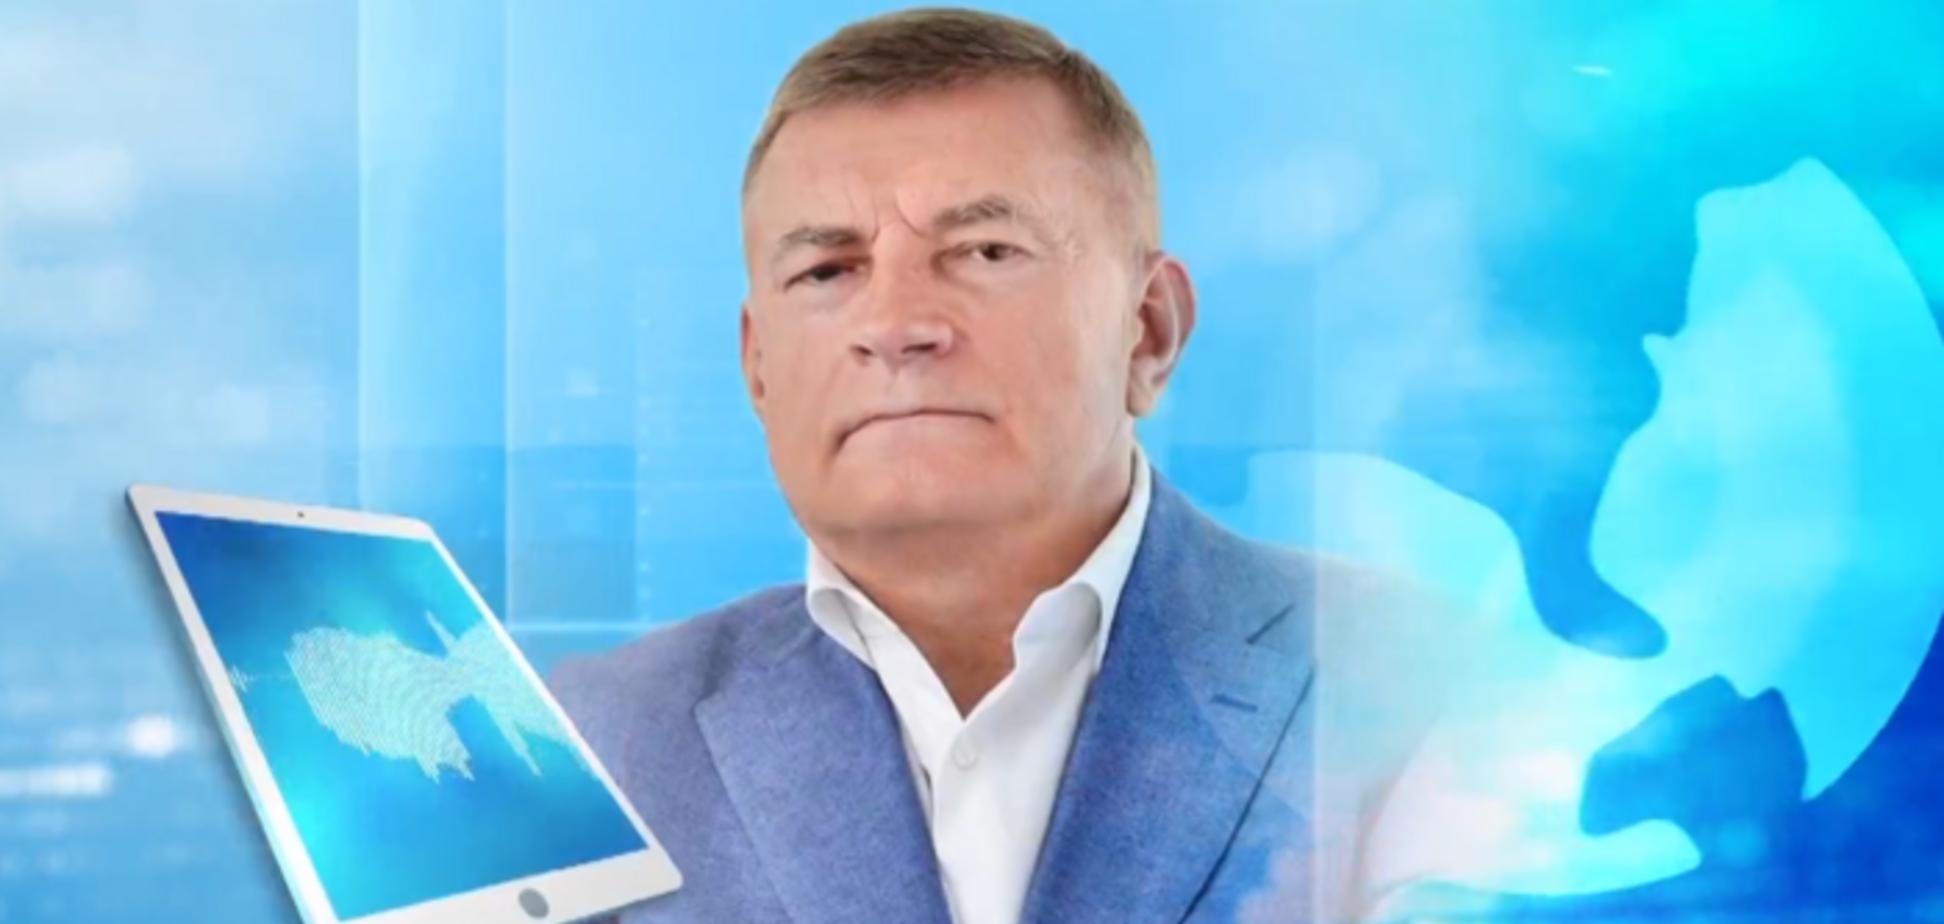 Без смены власти преступления в оборонпроме расследоваться не будут – экс-замгенпрокурора